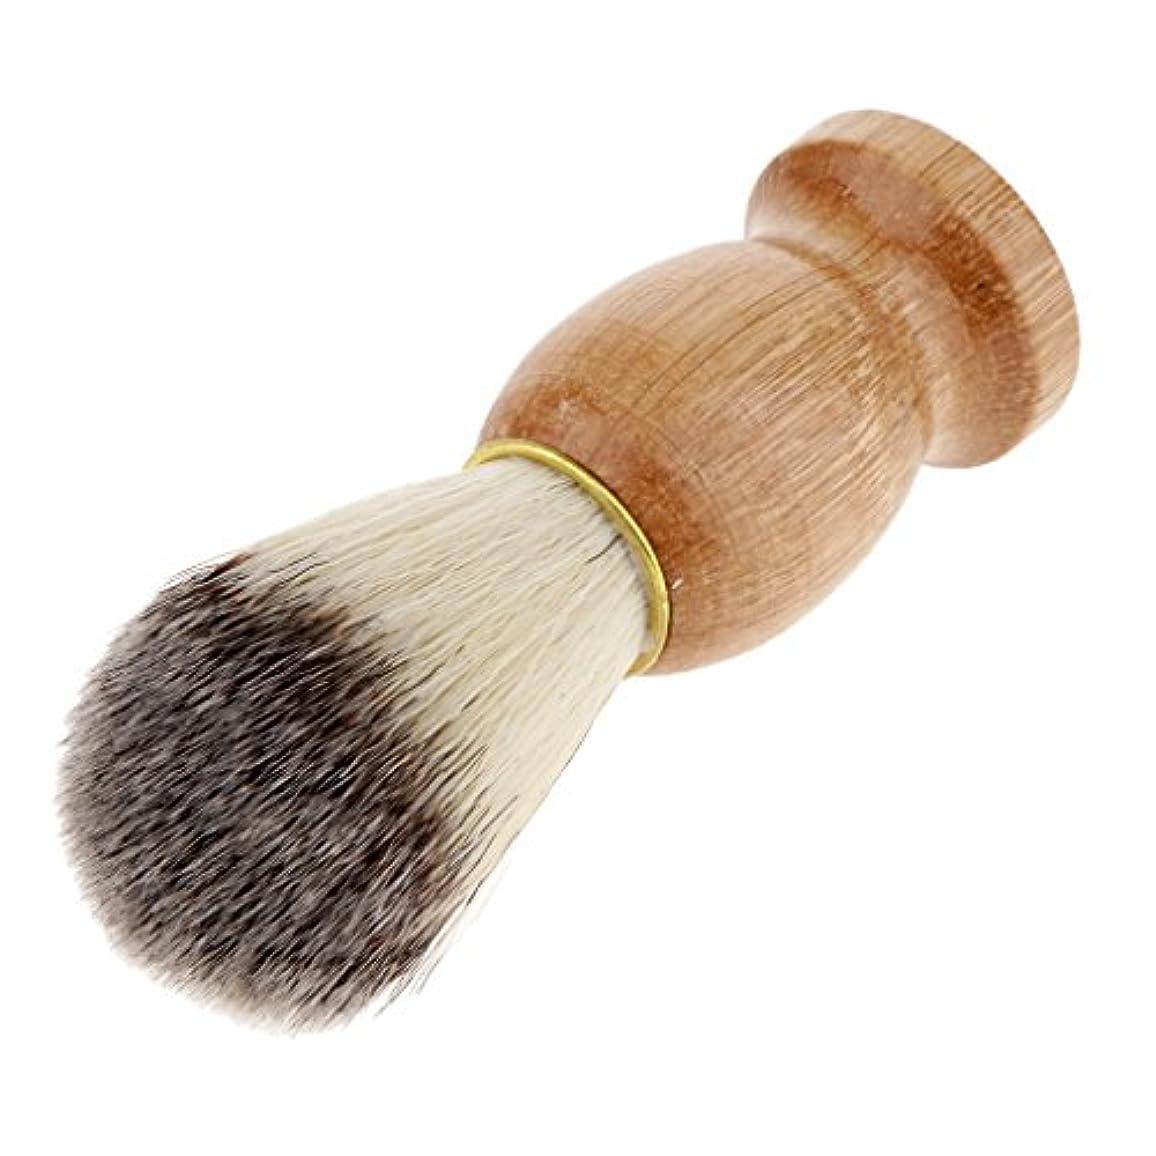 見かけ上器用シャイニングBlesiya シェービングブラシ コスメブラシ 木製ハンドル メンズ ひげ剃りブラシ プレゼント